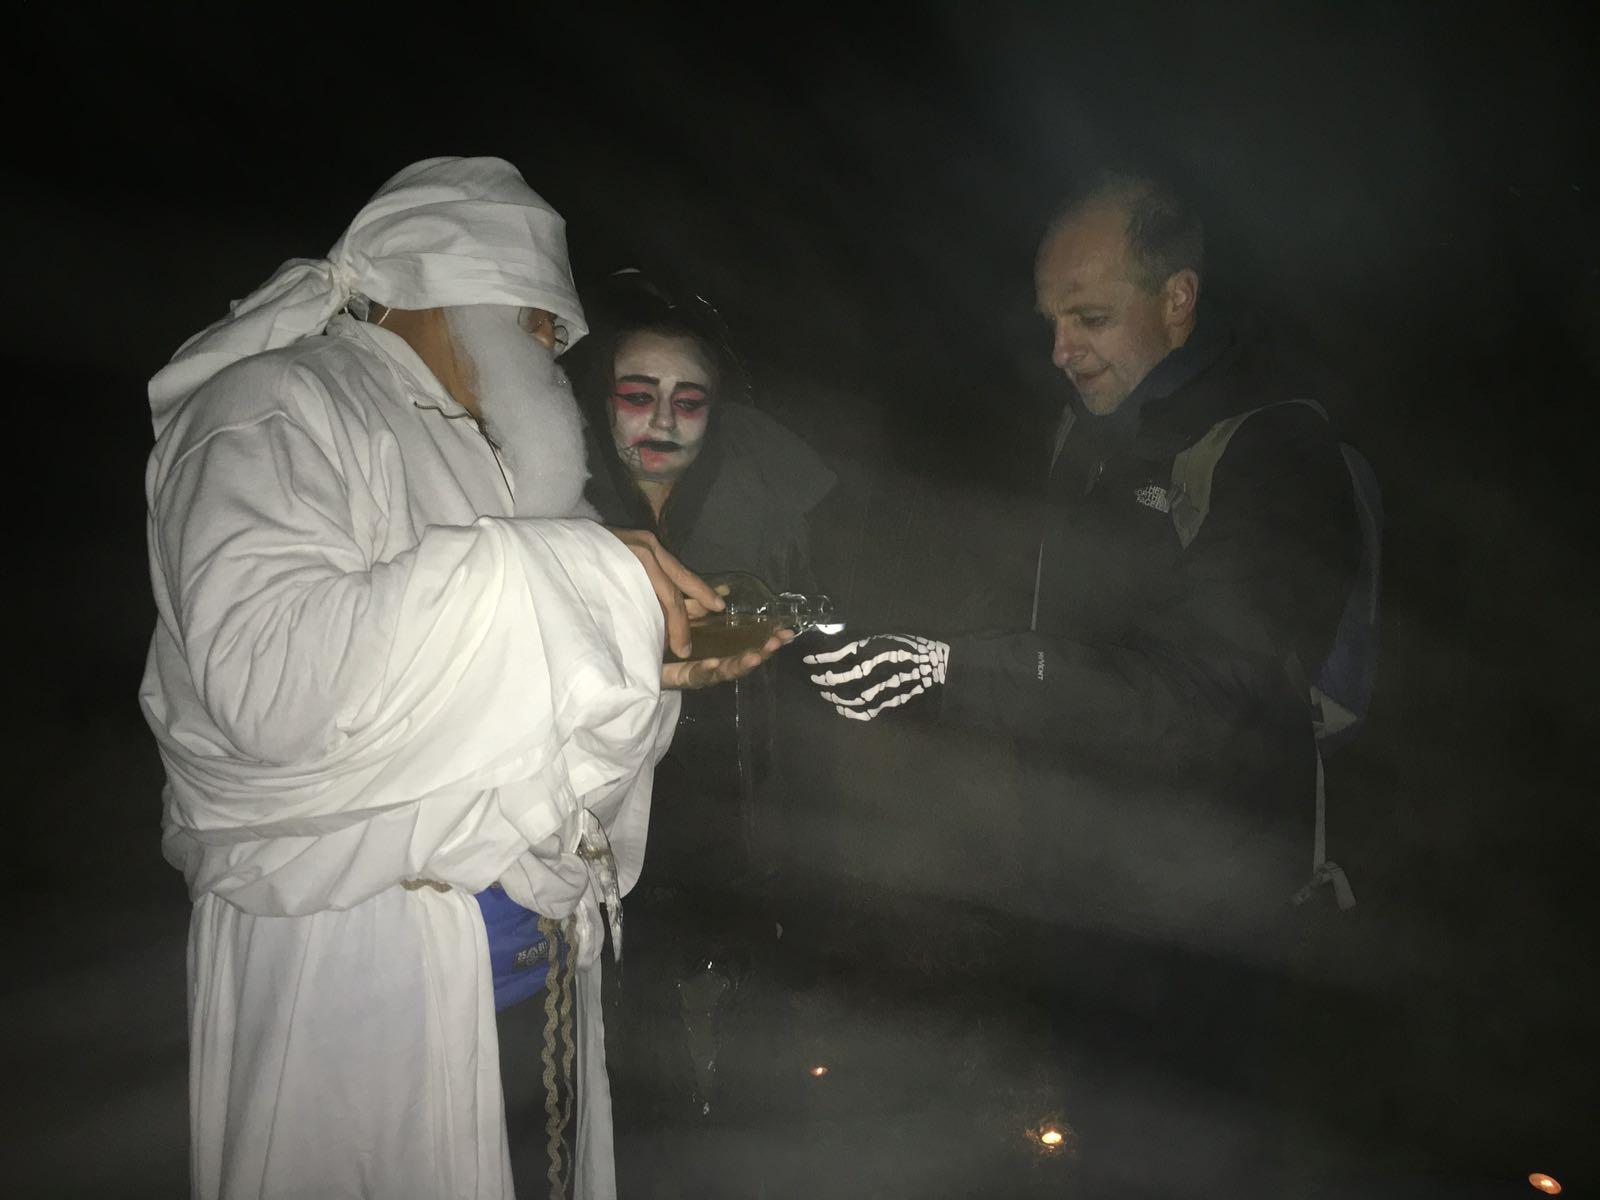 Magisches in der Nacht